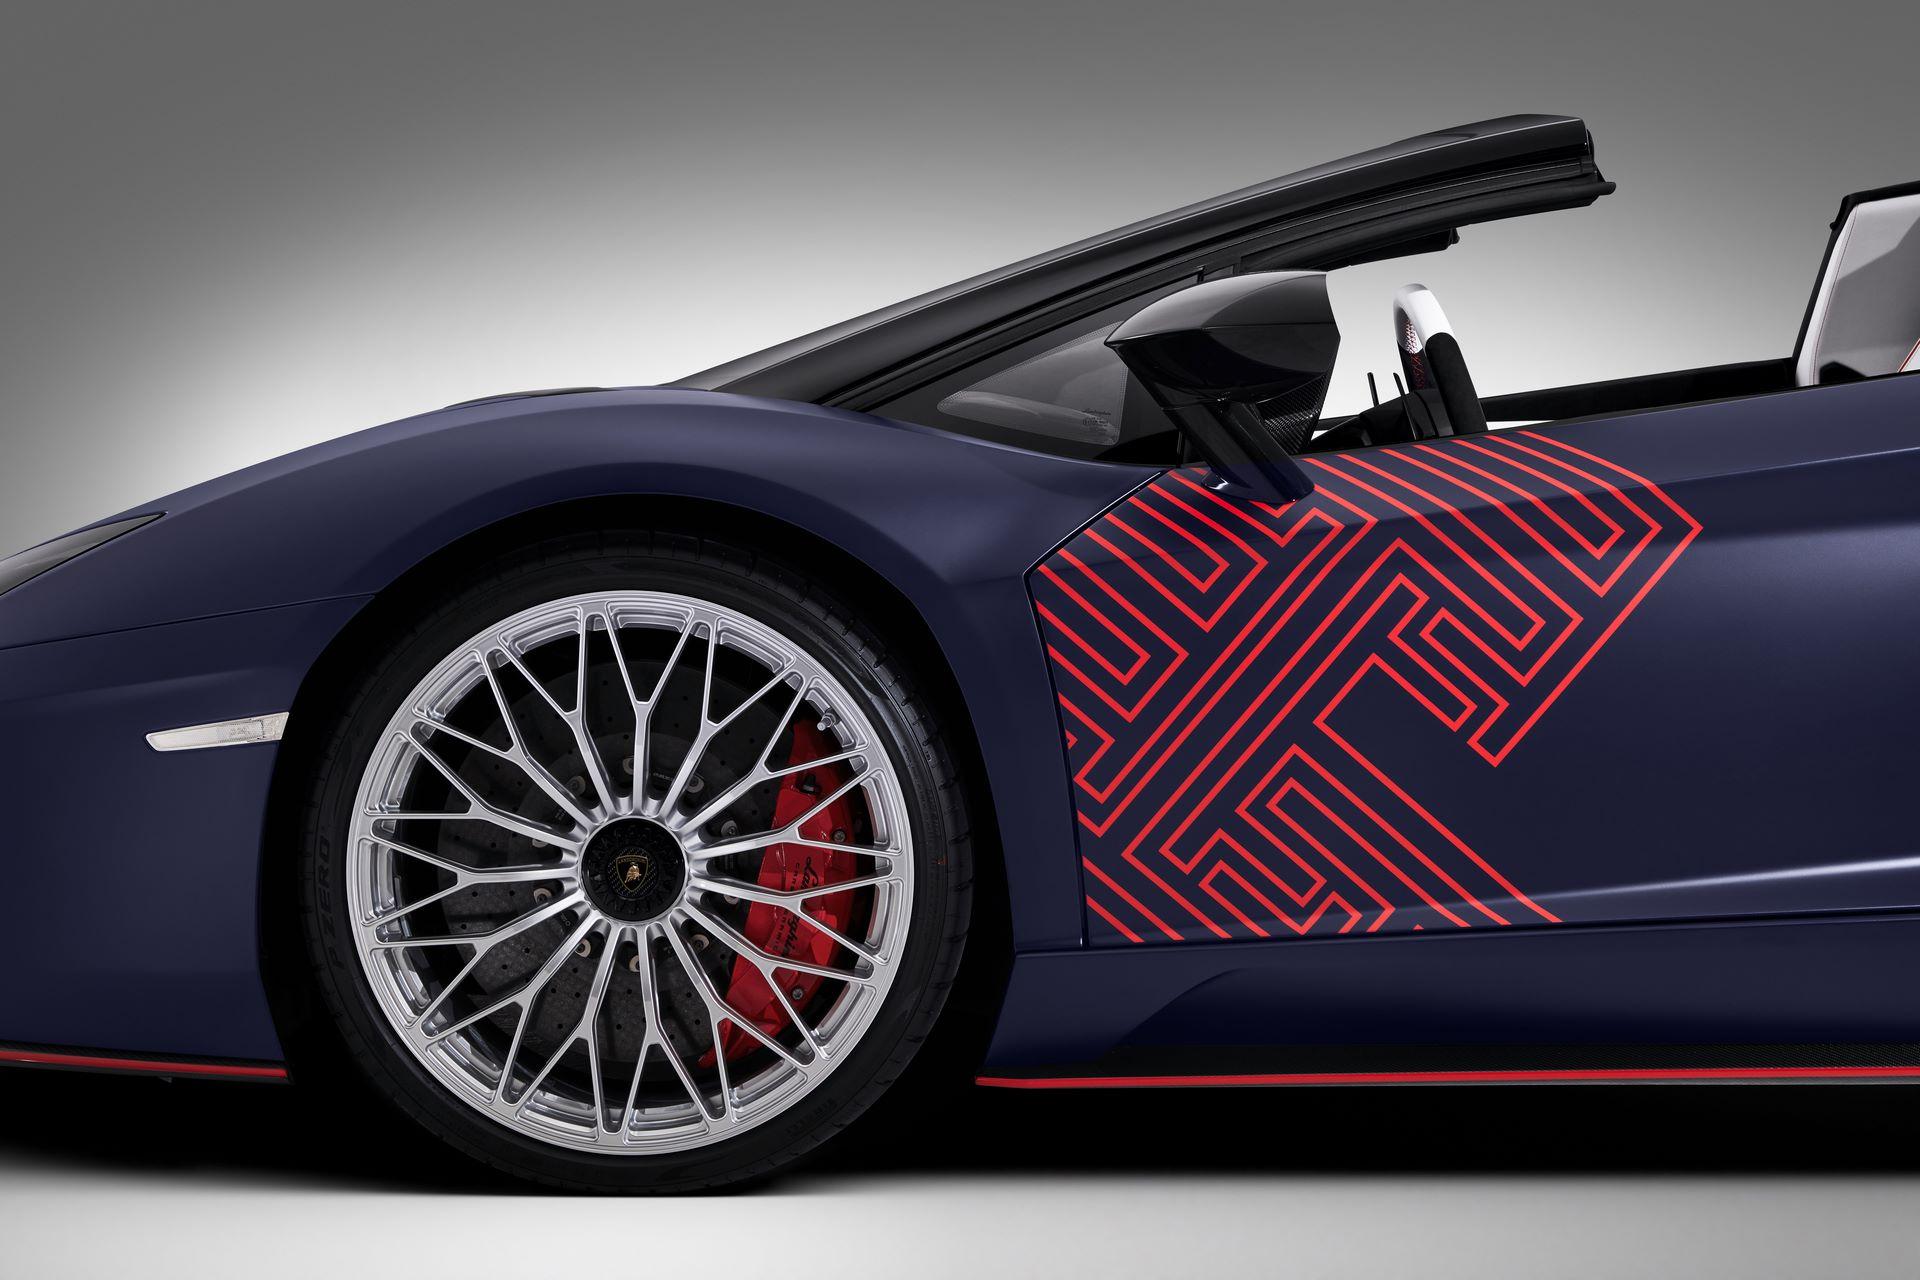 Lamborghini-Aventador-S-Roadster-Korean-Special-Series-14